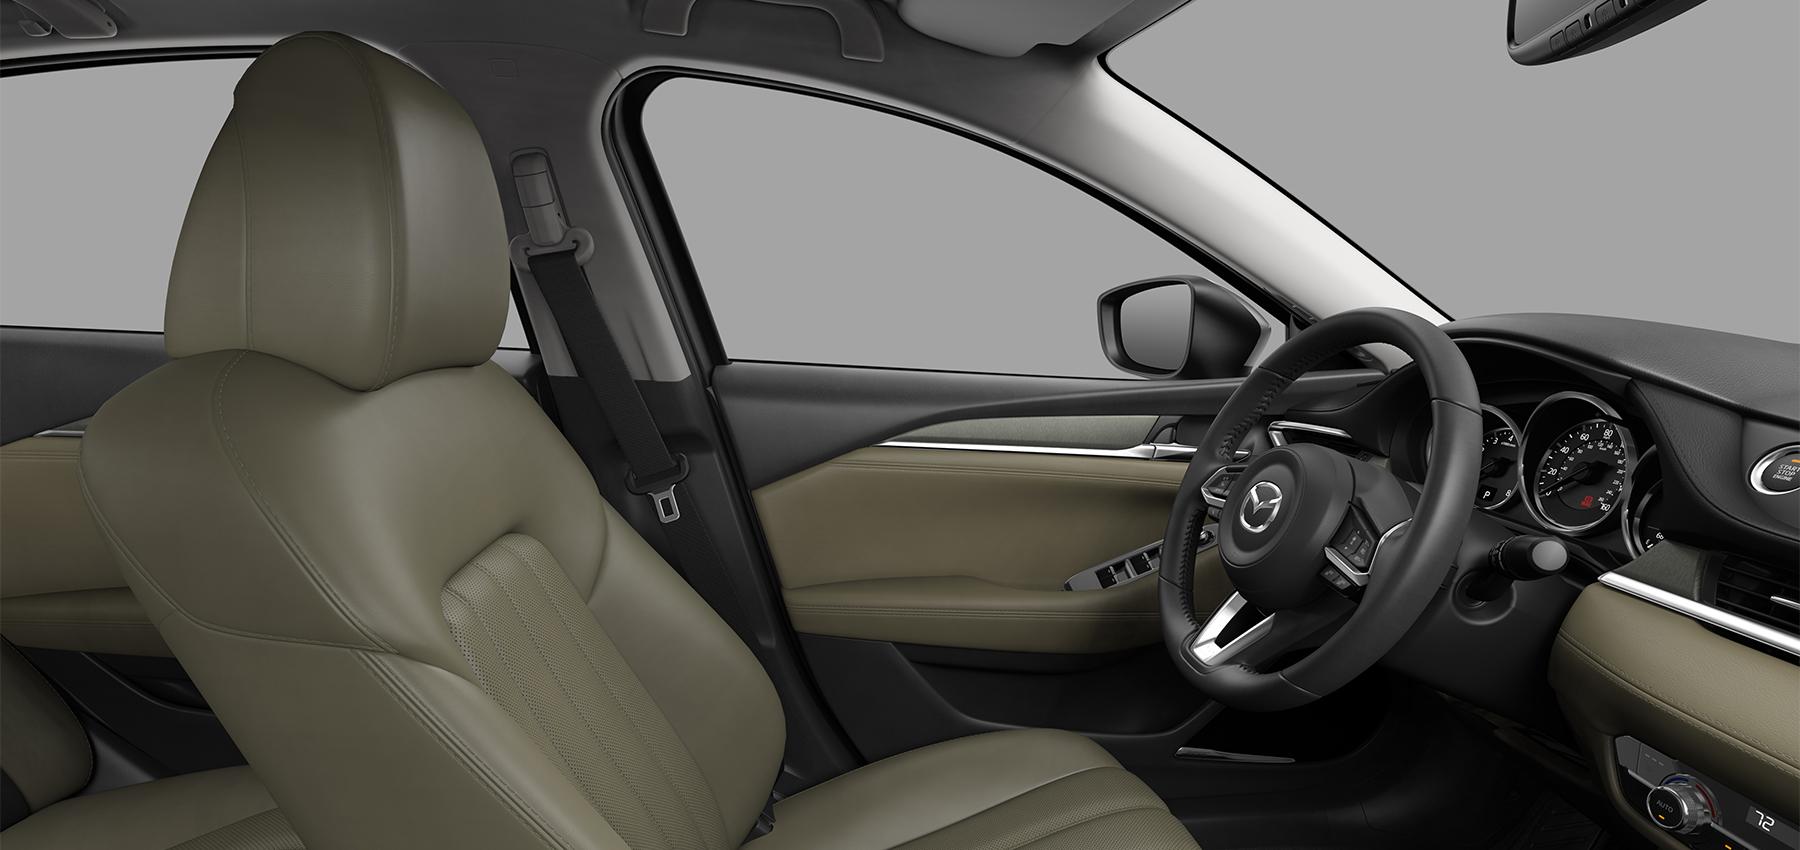 New 2021 Mazda6 Grand Touring